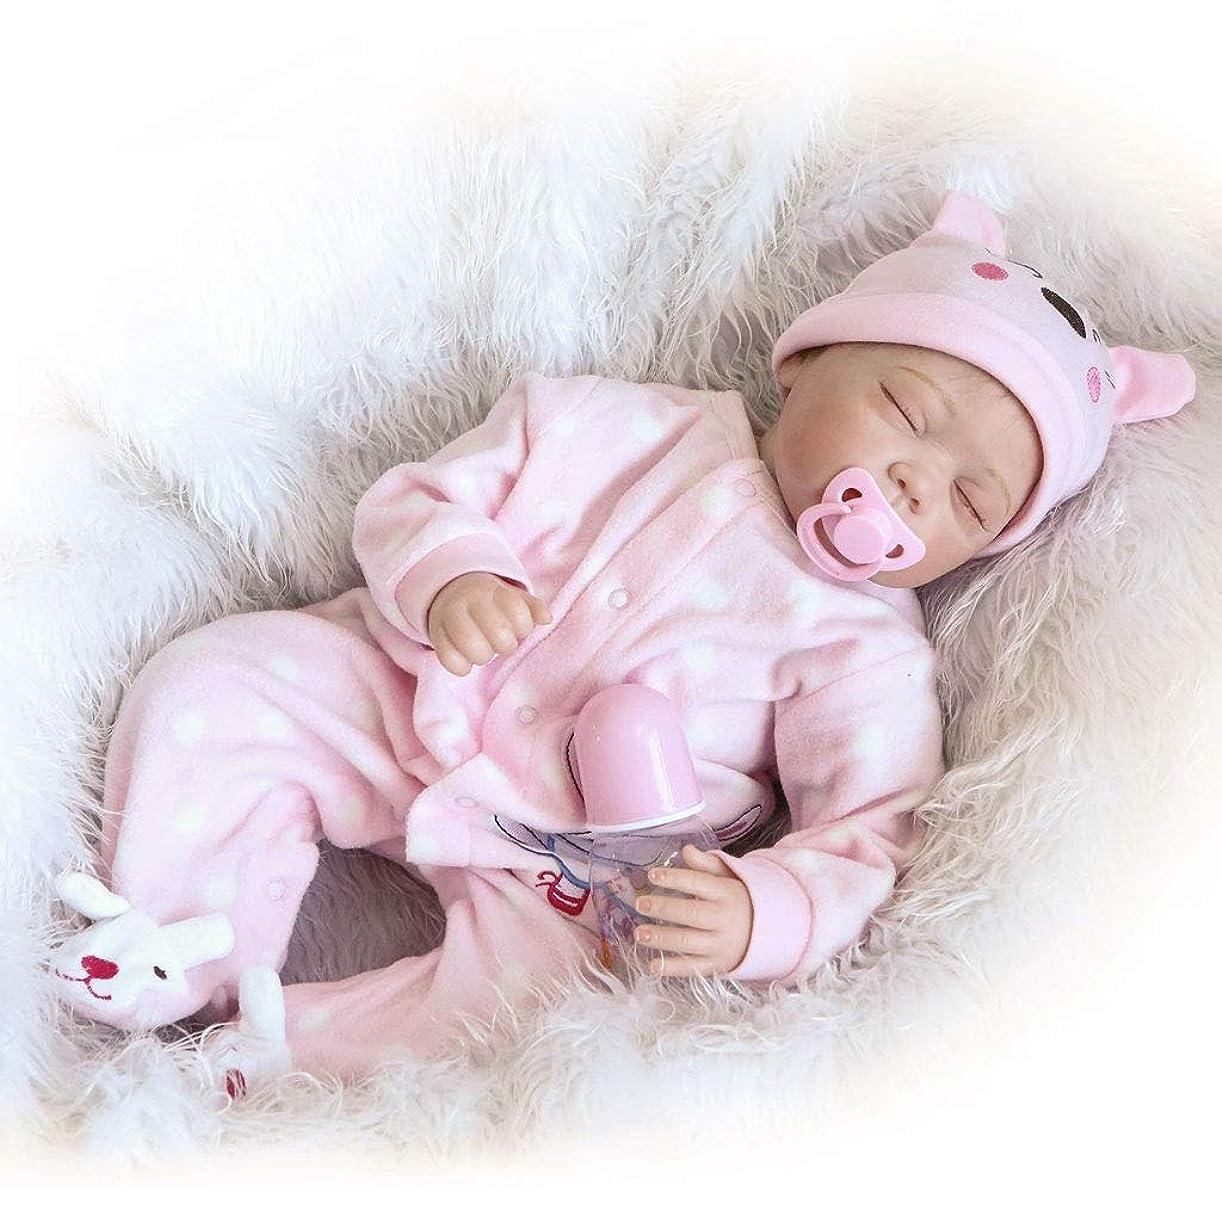 約設定コーデリア興味RBDTOYリボーン赤ちゃん人形22